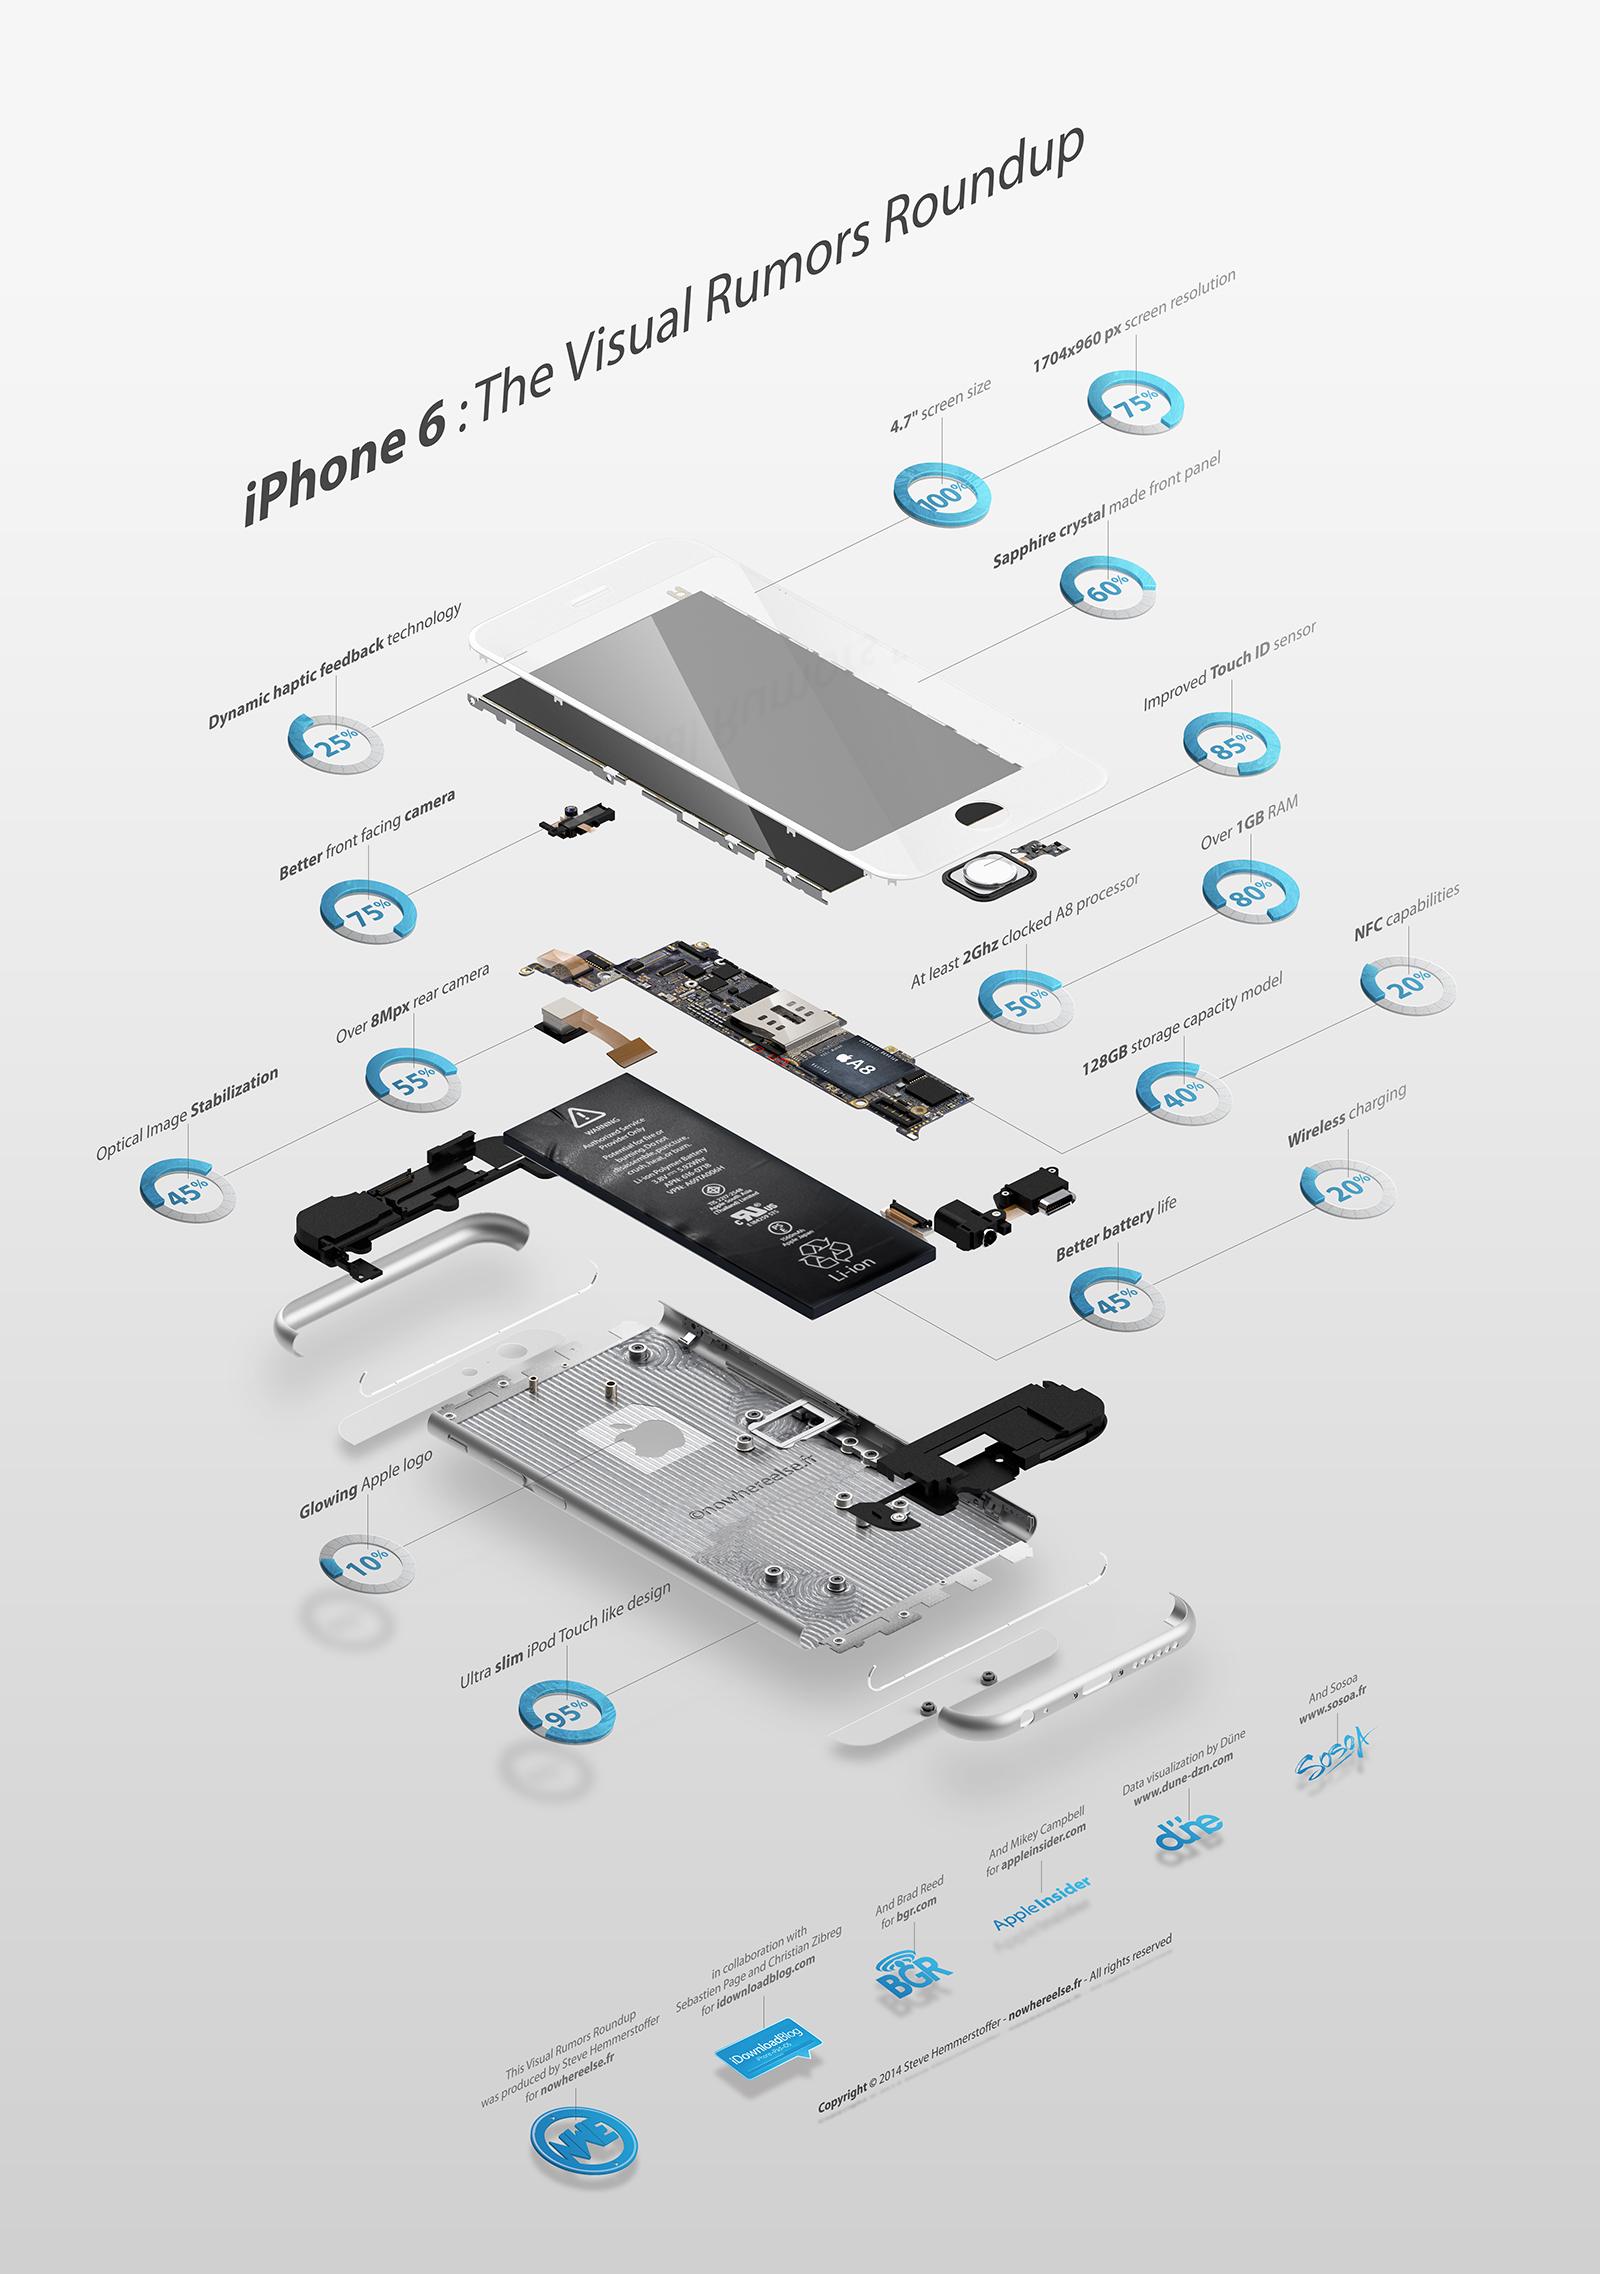 Οι φήμες σχετικά με το iPhone 6, συγκεντρωμένες σε ένα infographic!